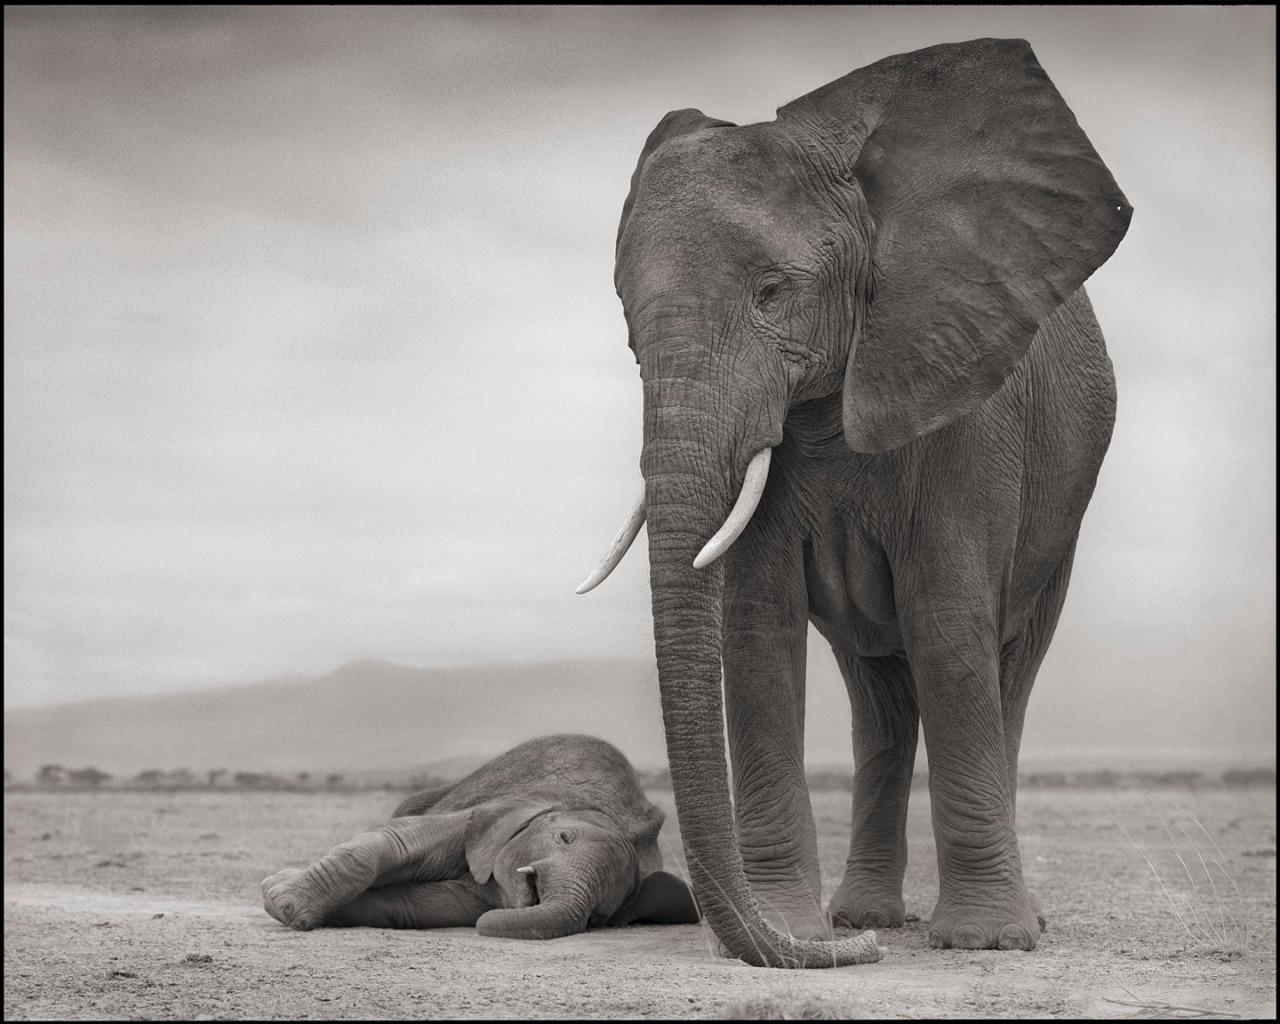 Elephant Mother & Baby Sleeping, Amboseli, 2012